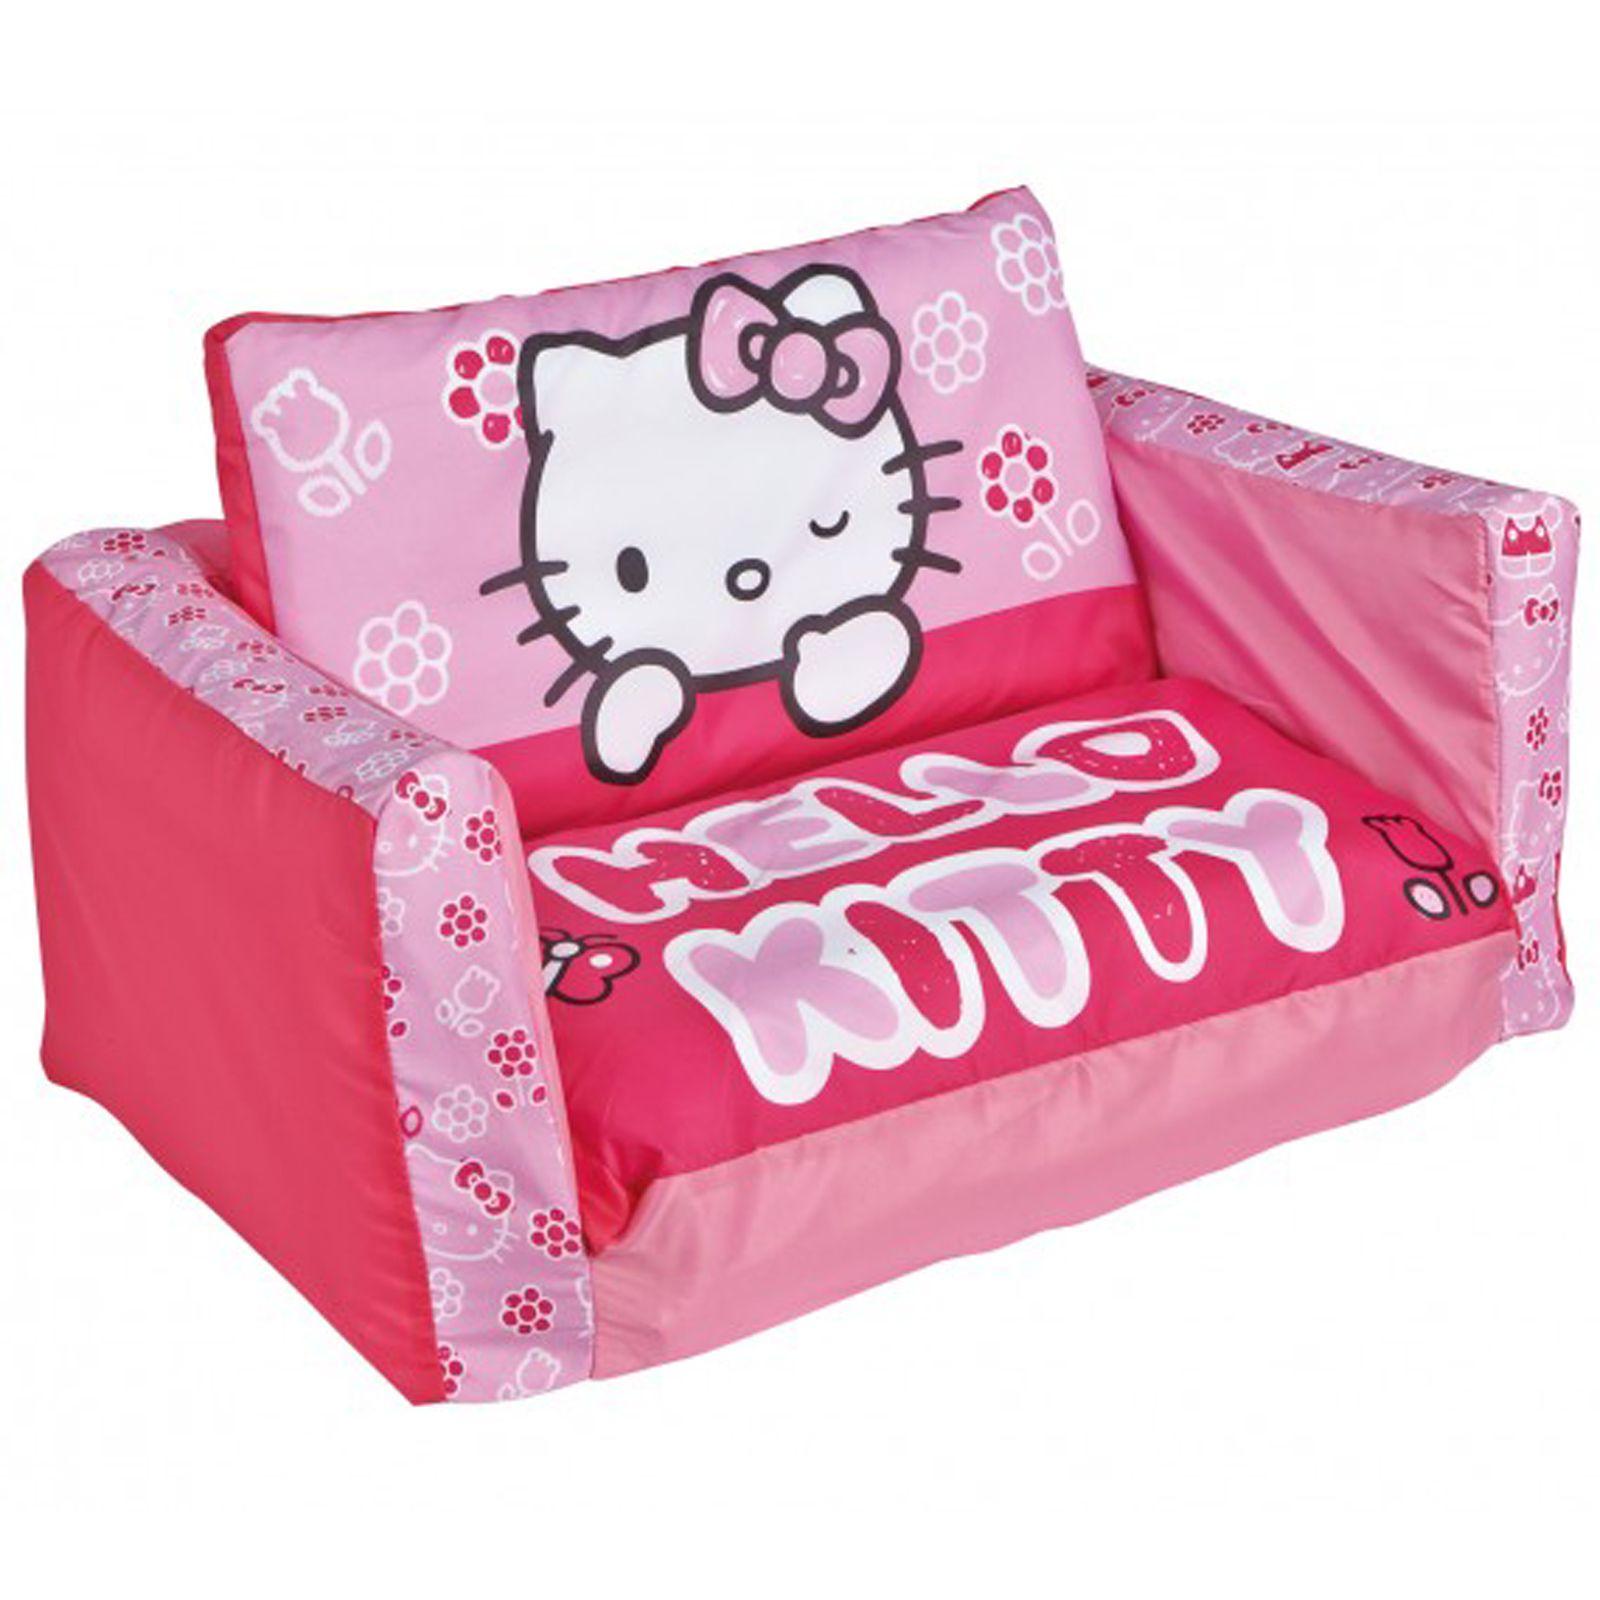 Letti Per Bambini Hello Kitty.Divanetto Letto Gonfiabile Hello Kitty Complementi D Arredo